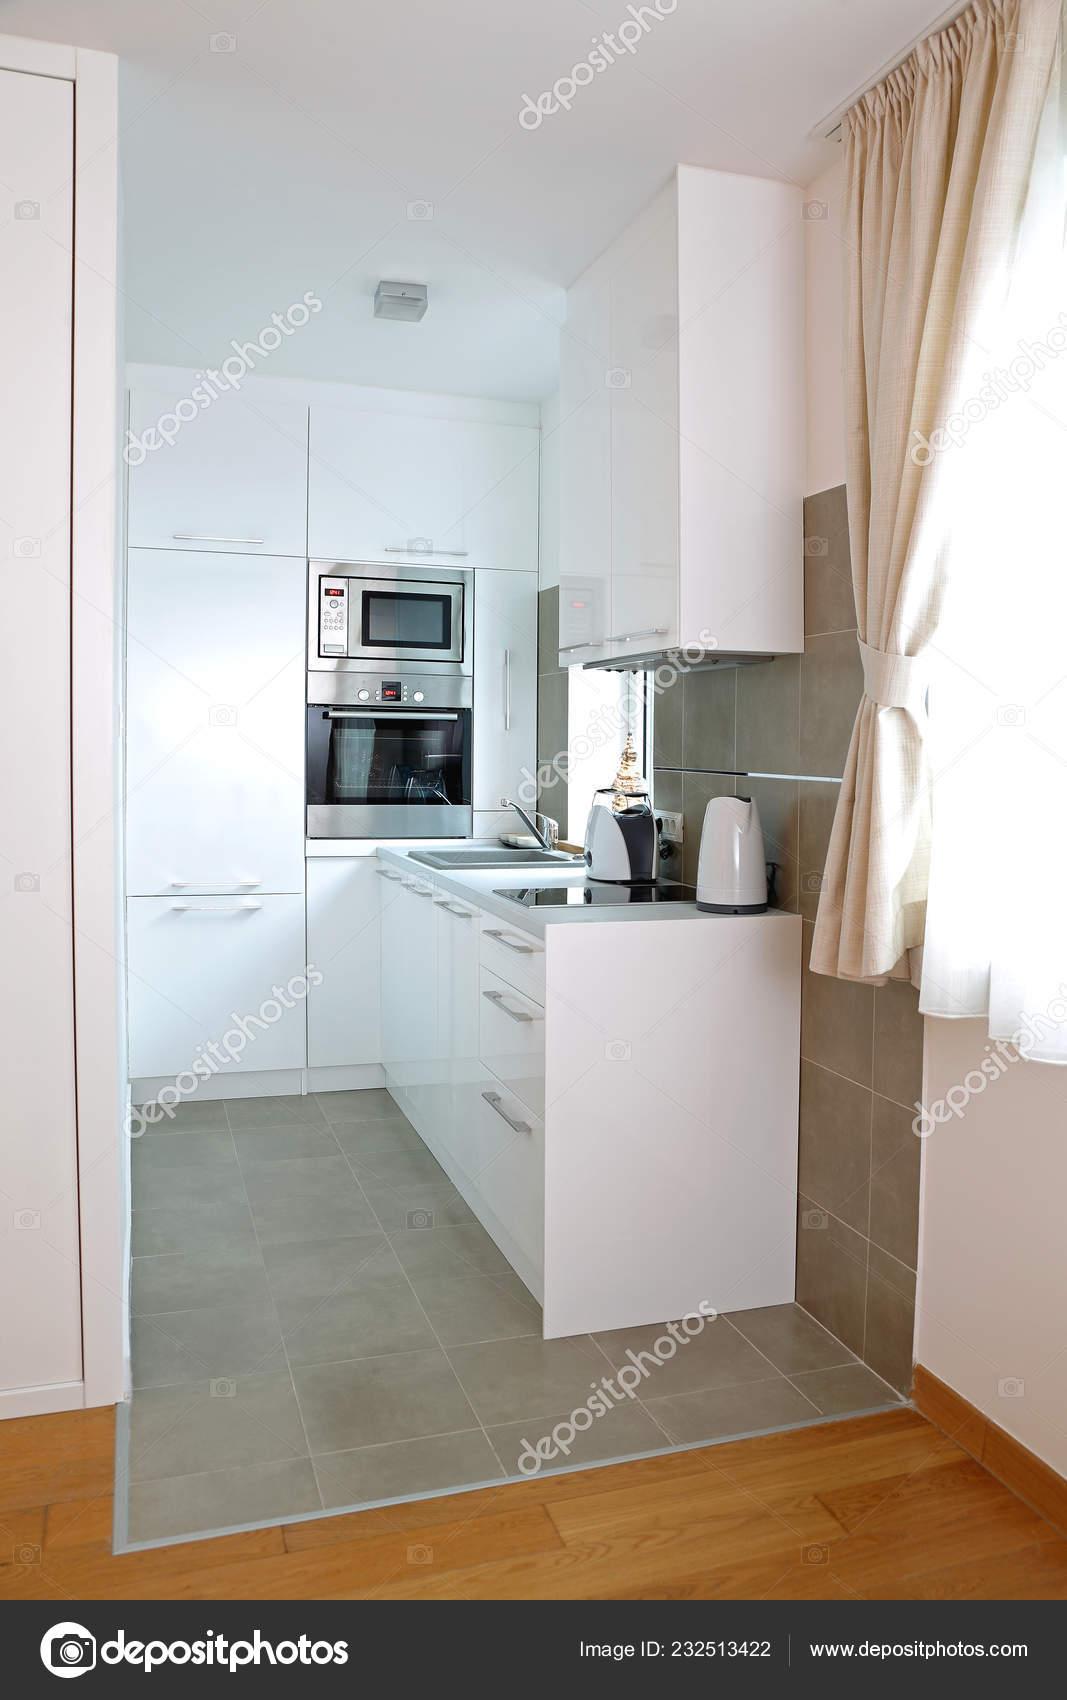 Mała Biała Kuchnia Nowoczesny Apartament Zdjęcie Stockowe